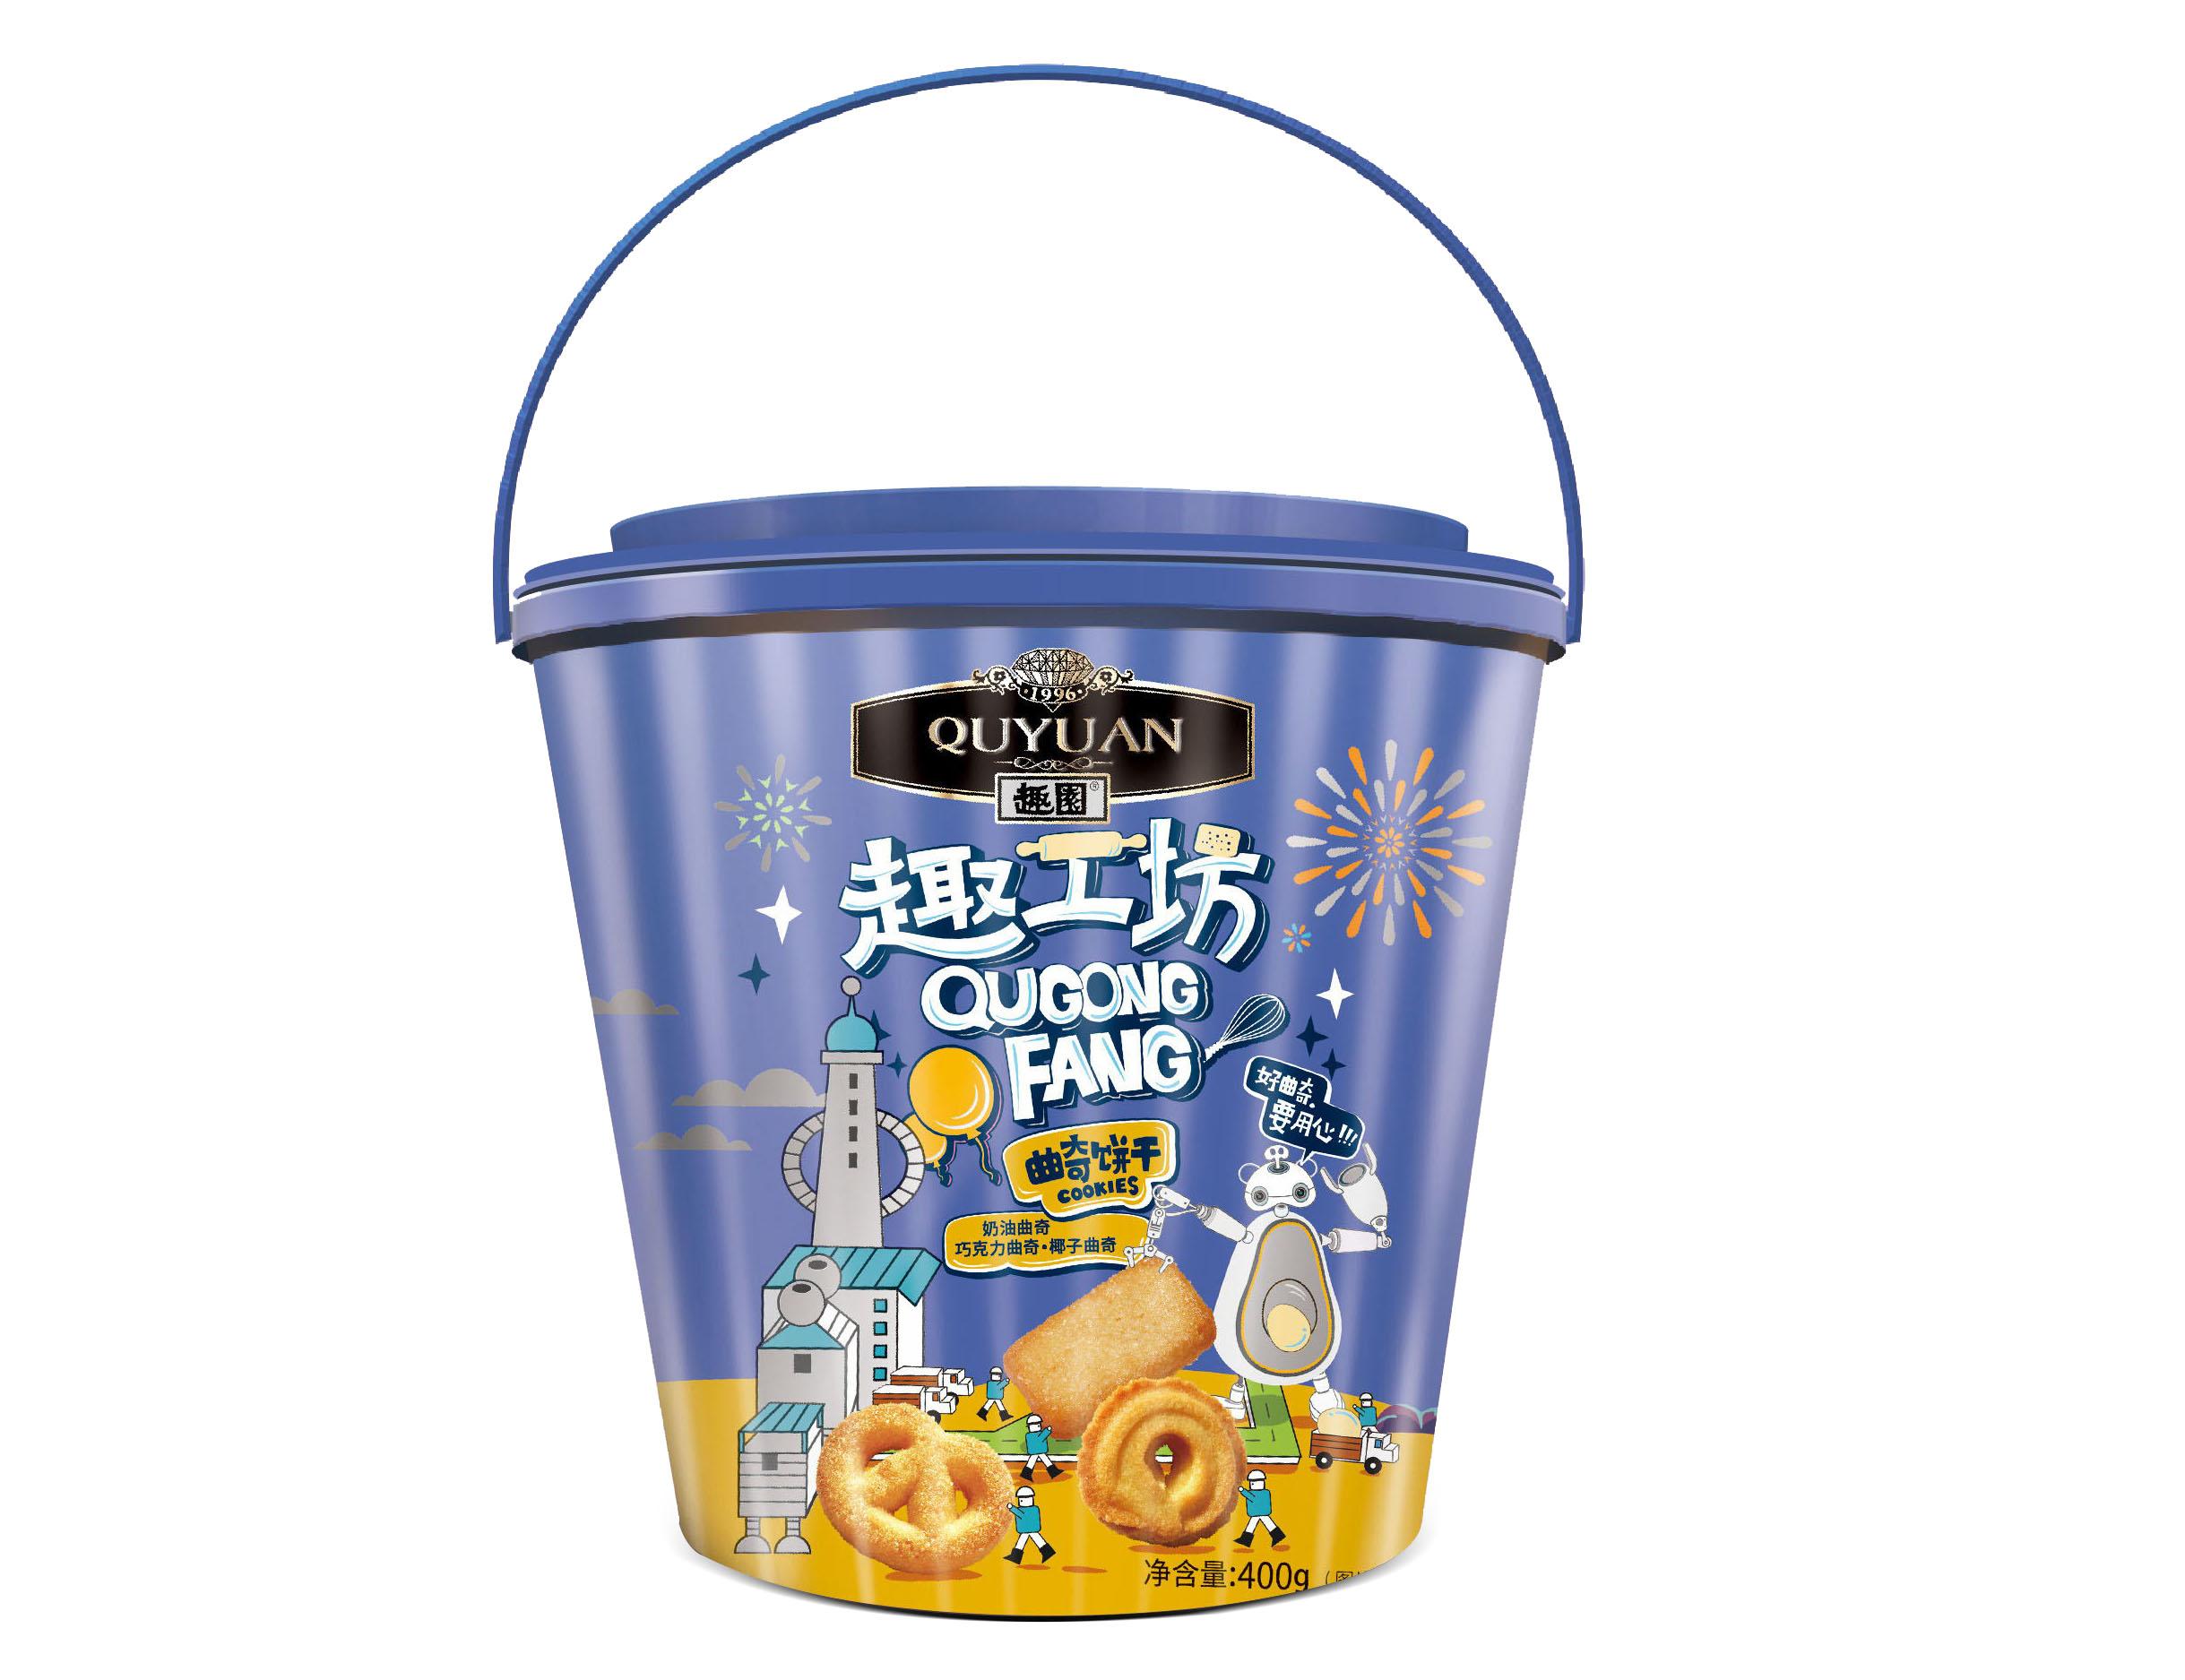 曲奇饼干代加工 半斤装礼盒产品  年货礼品 饼干生产厂家直销 招商代理曲奇饼干